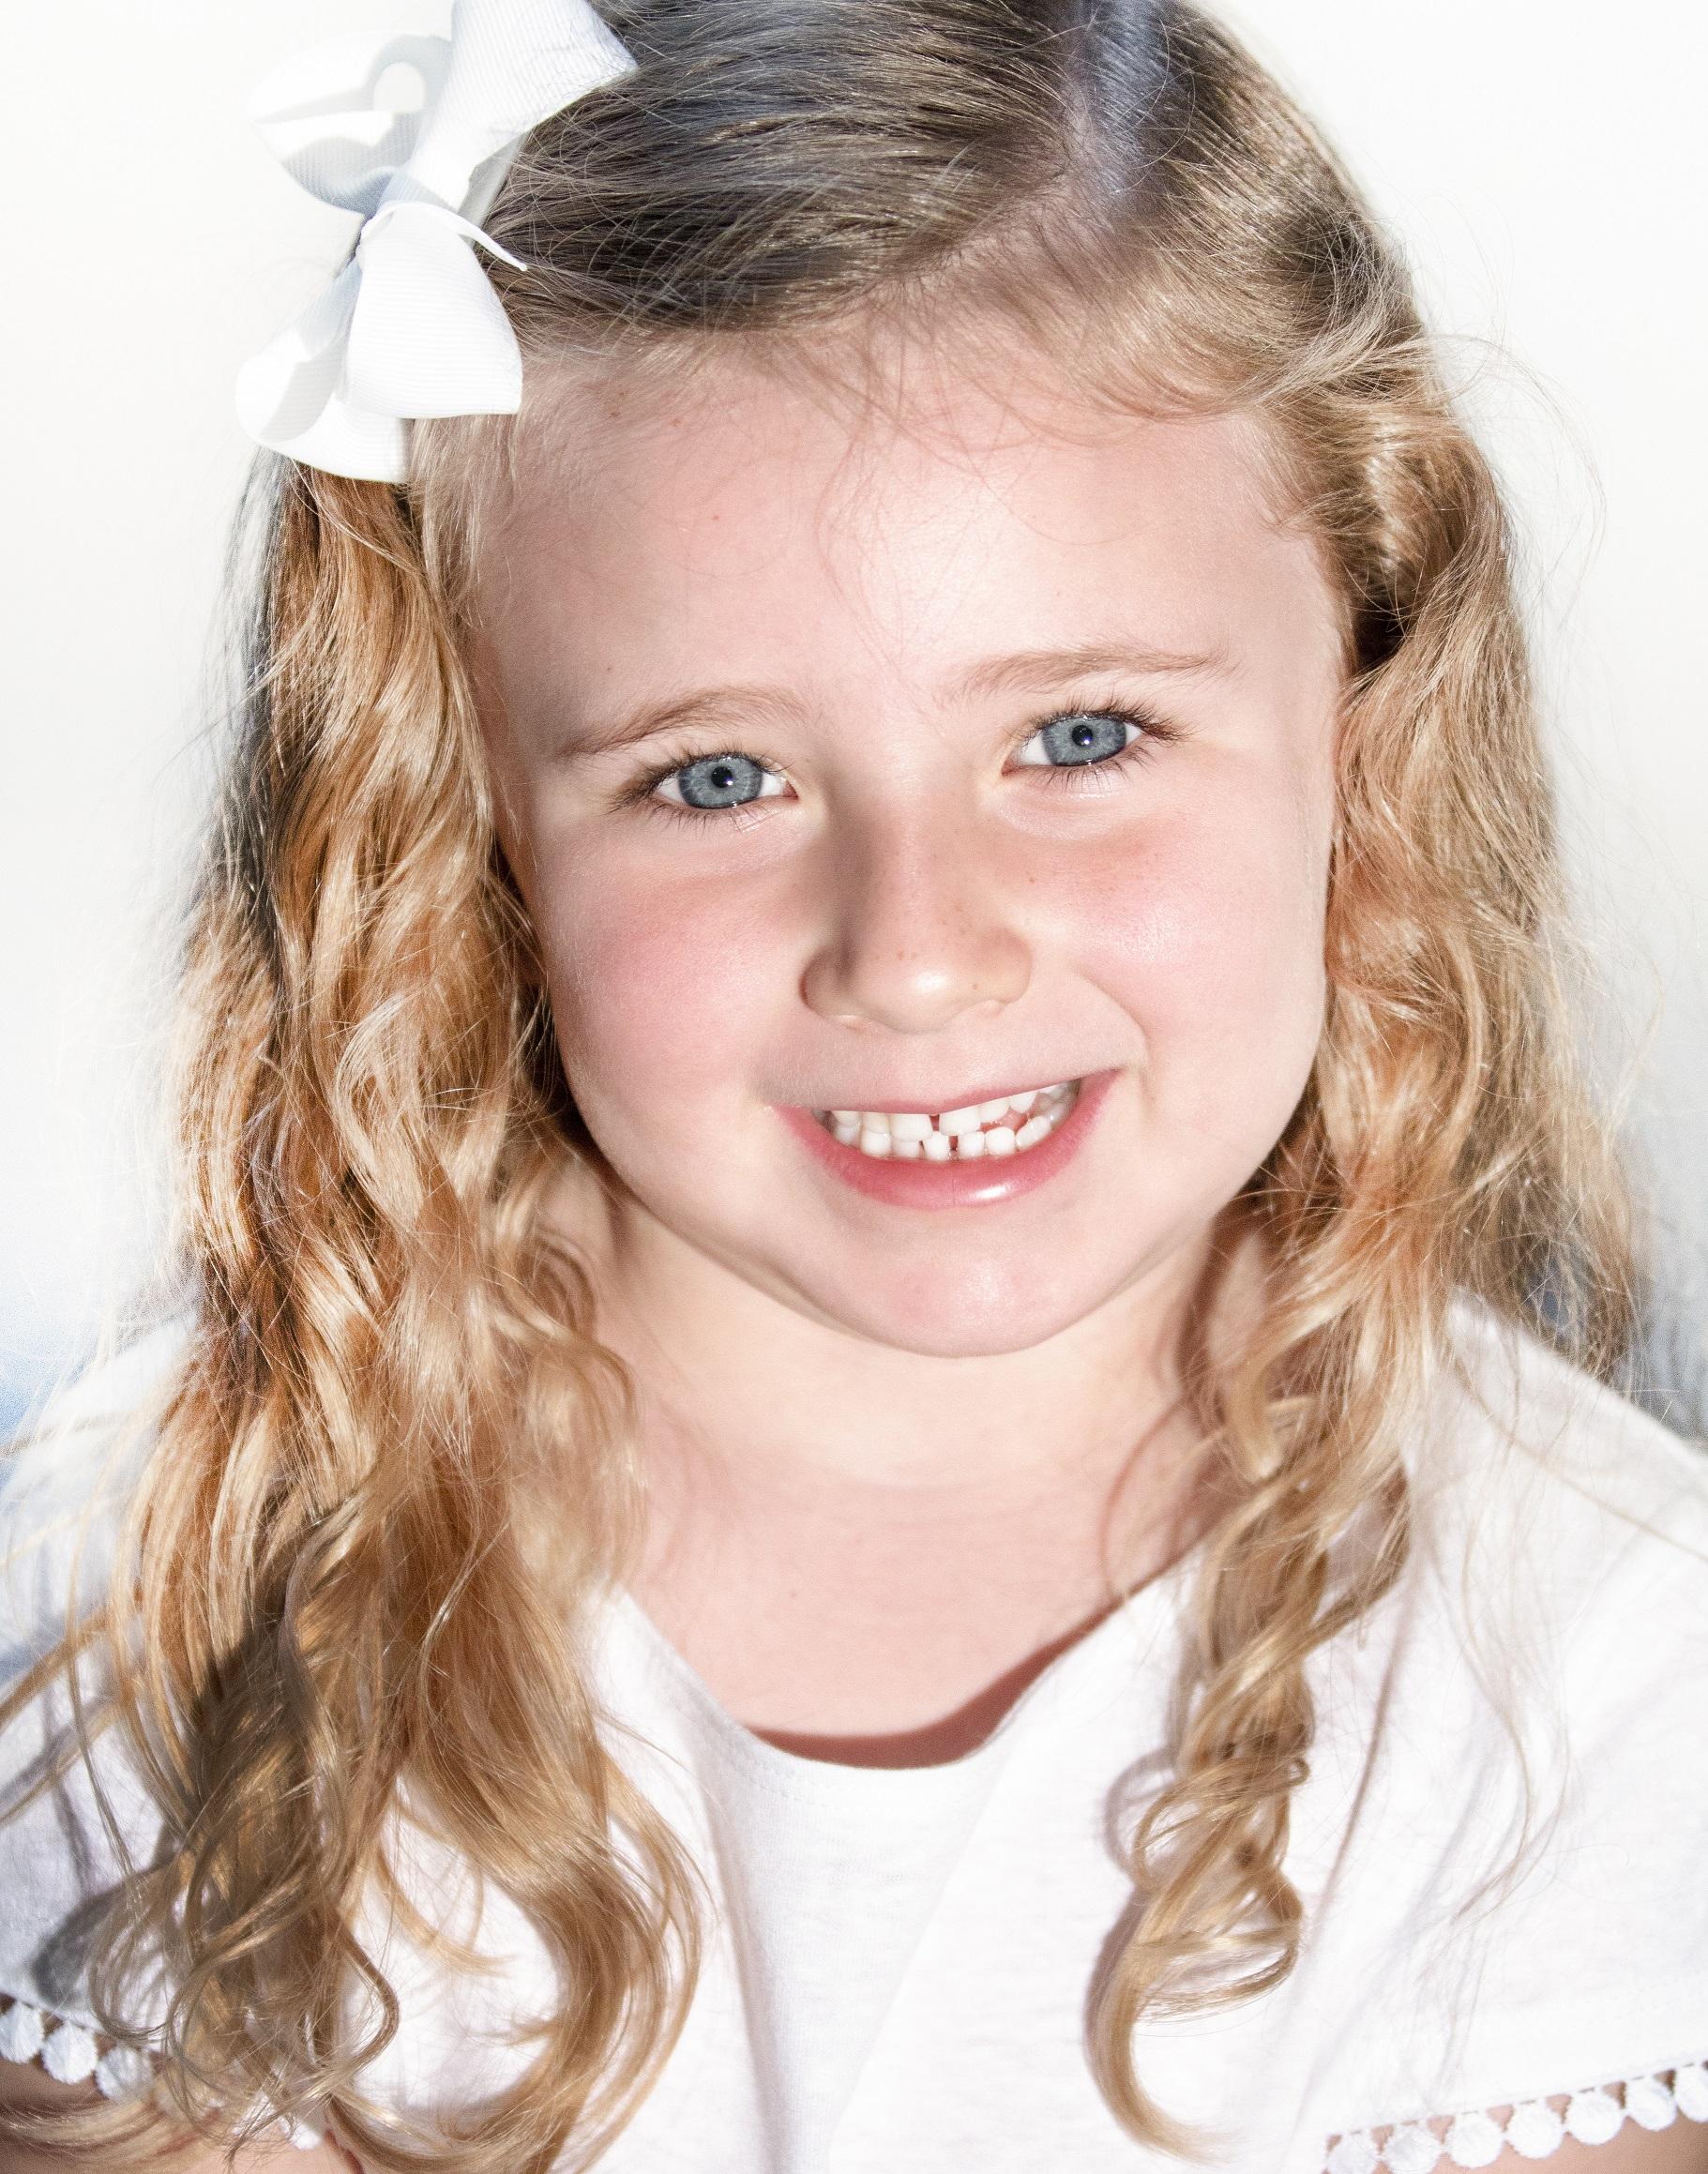 Madison Radcliffe Headshot